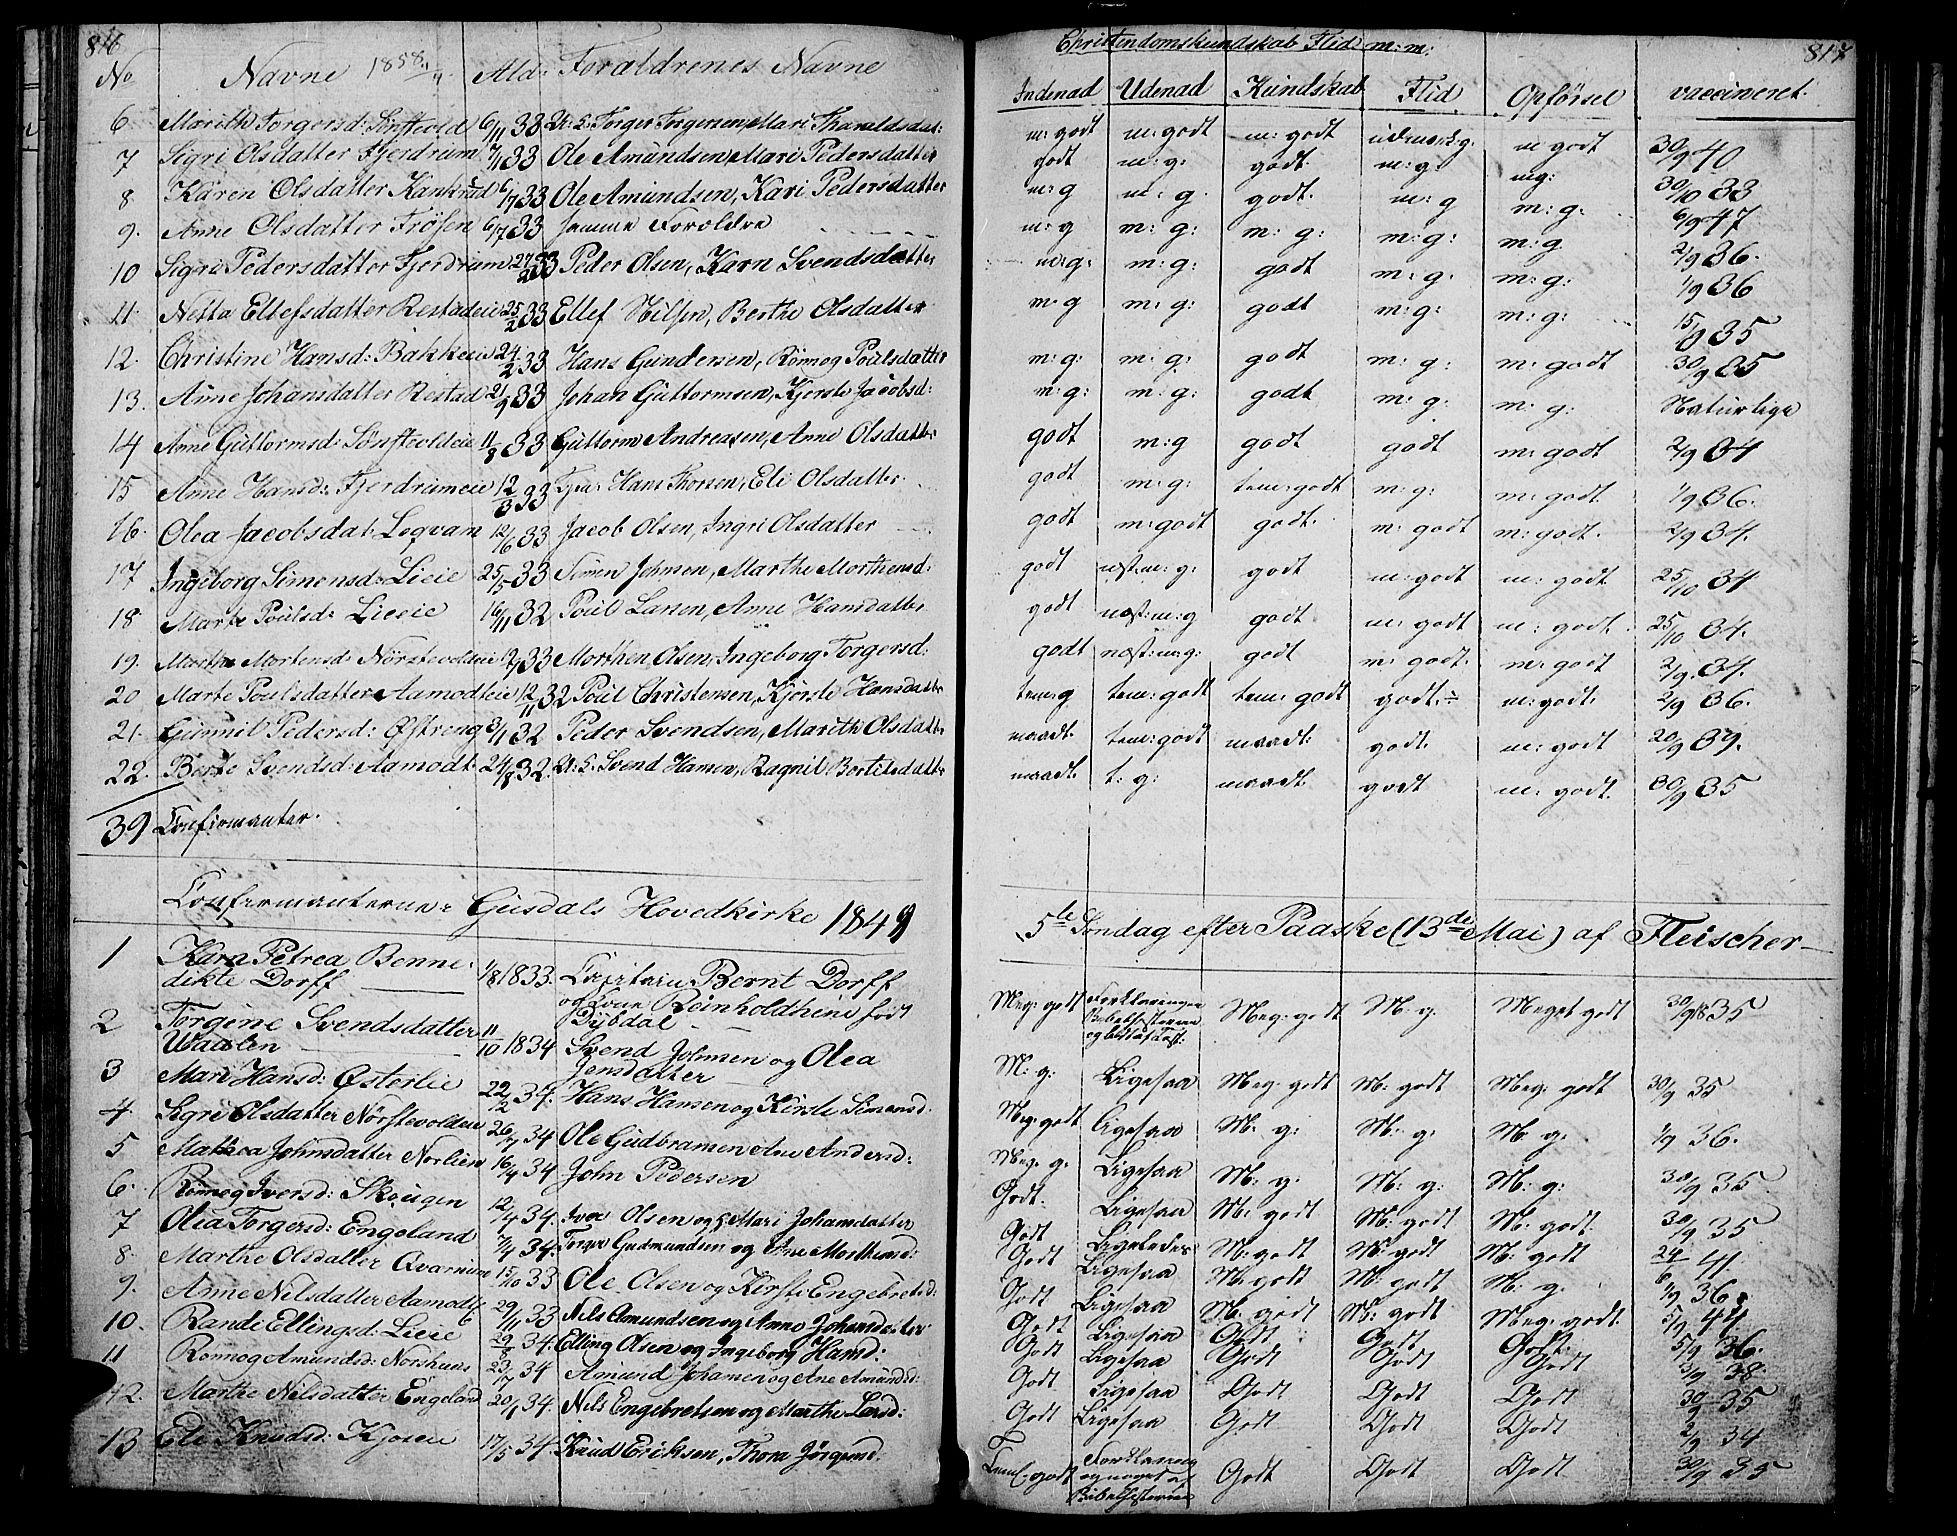 SAH, Gausdal prestekontor, Klokkerbok nr. 4, 1835-1870, s. 816-817